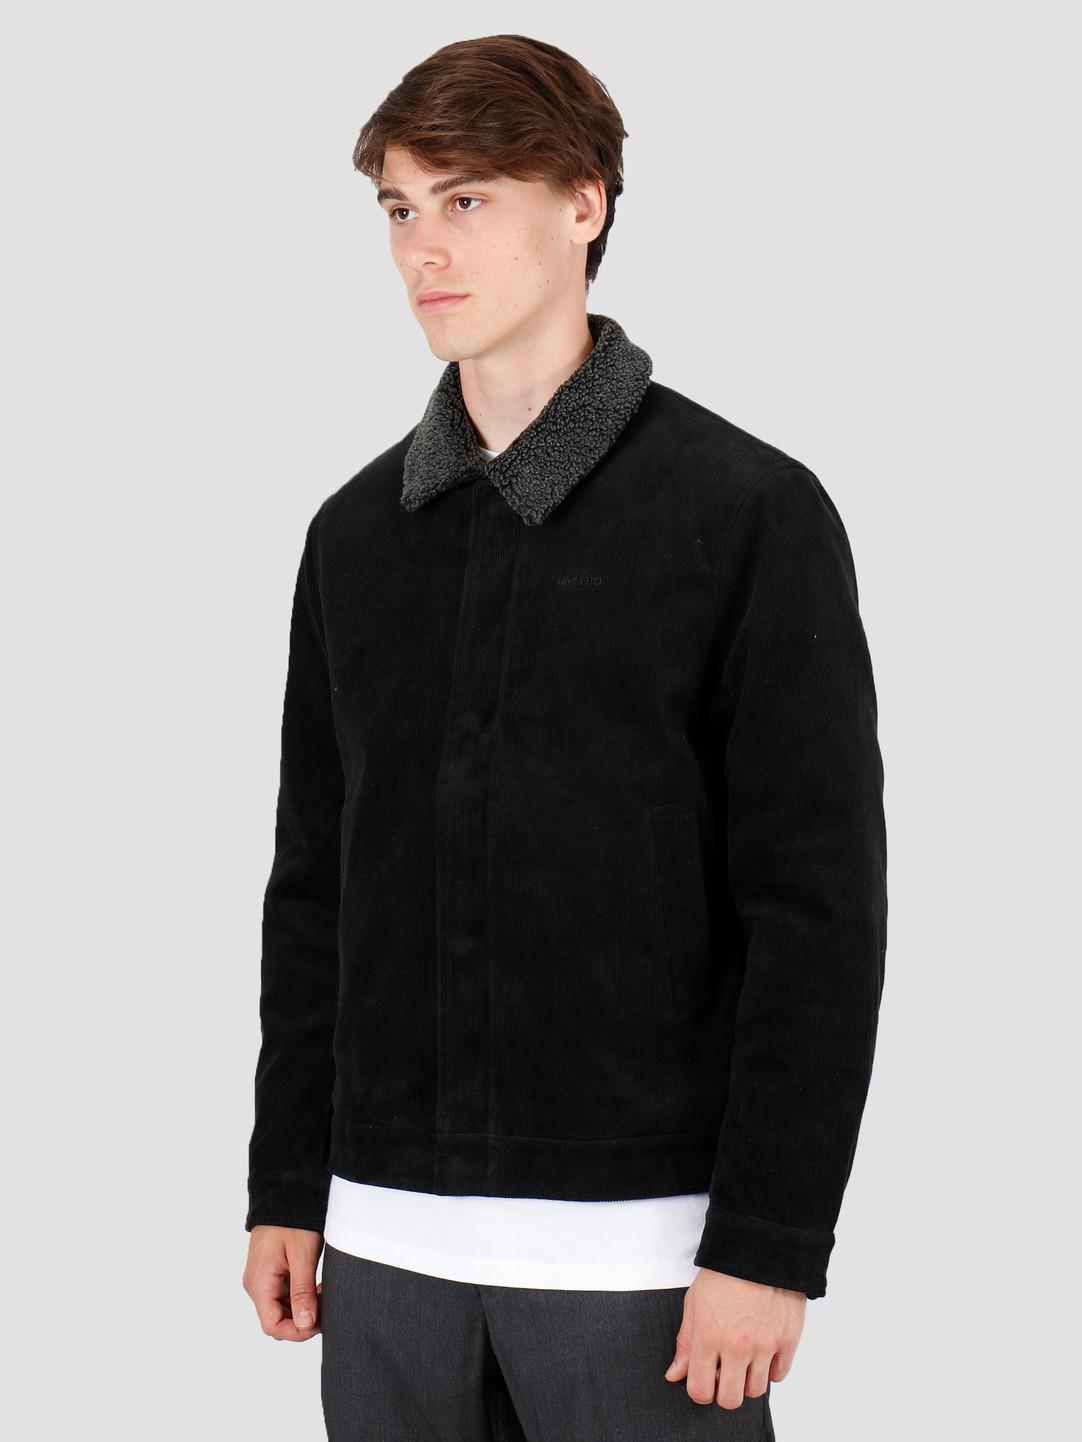 Wemoto Wemoto Rob Jacket Black 141.609-100